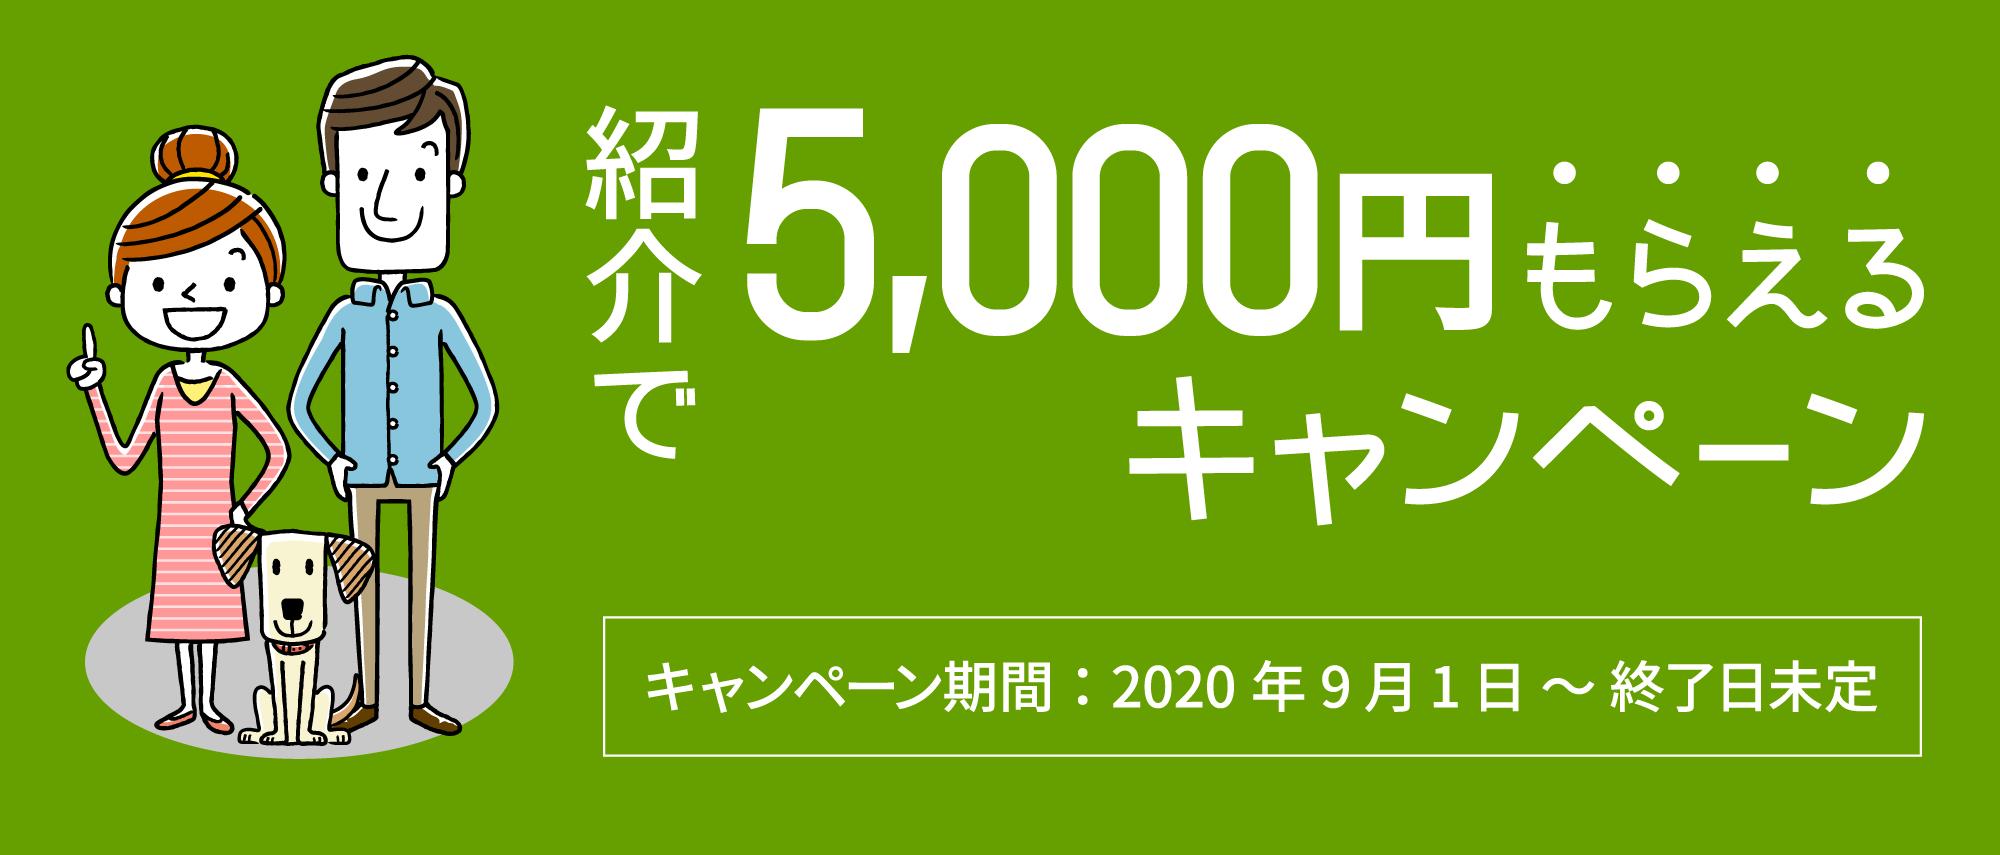 紹介で5,000円もらえるキャンペーン